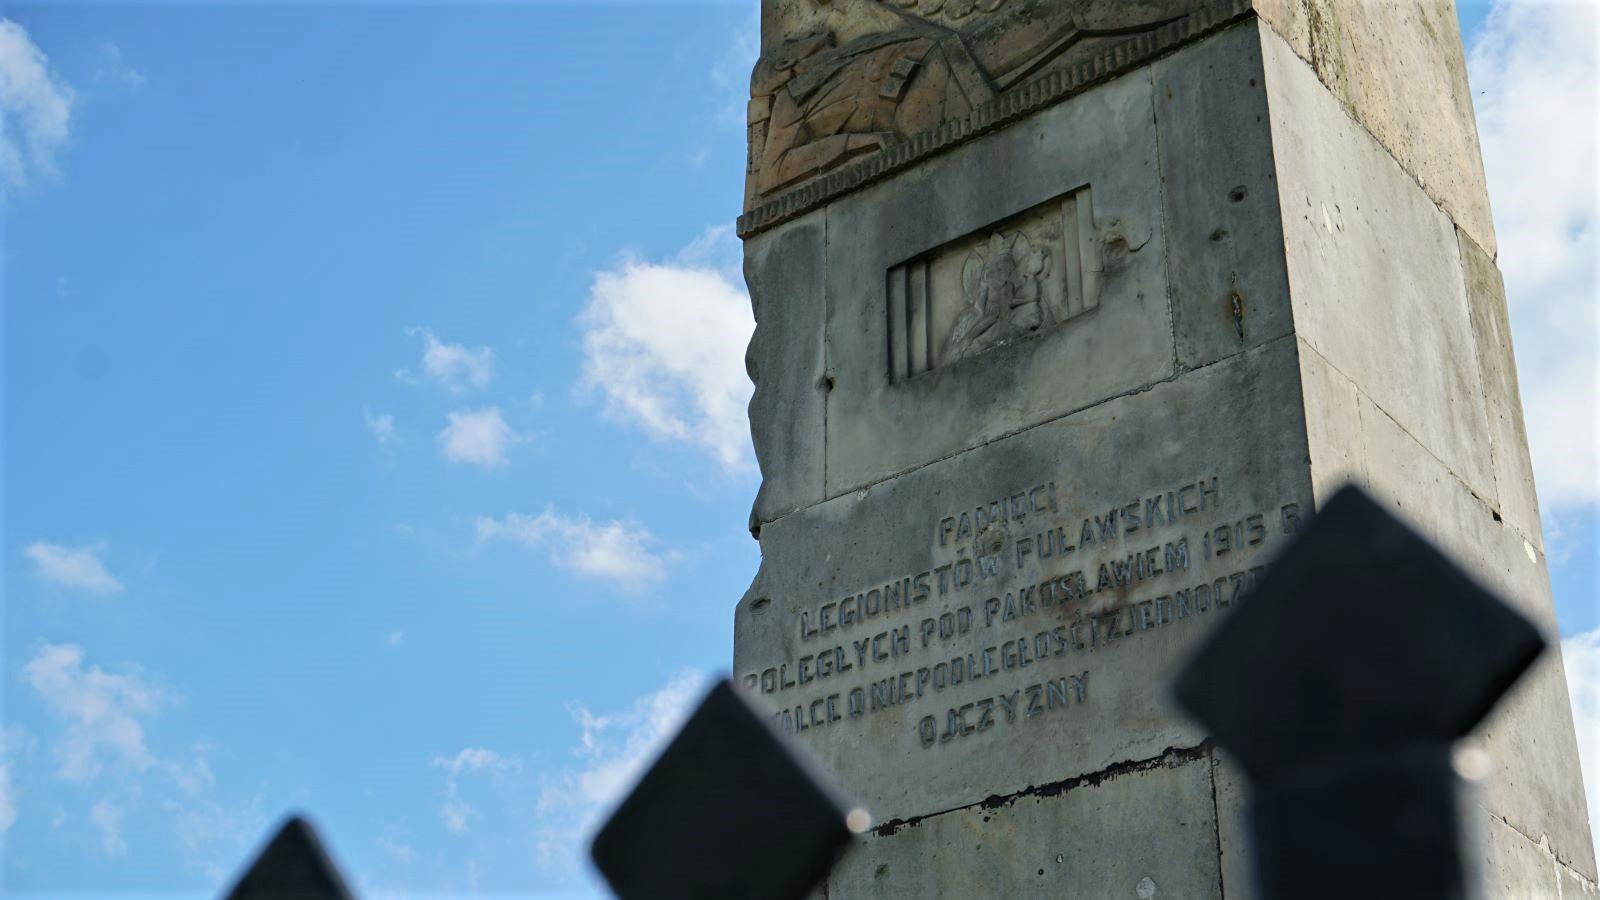 Pomnik Legionistów Pulłwskich wPakosławiu